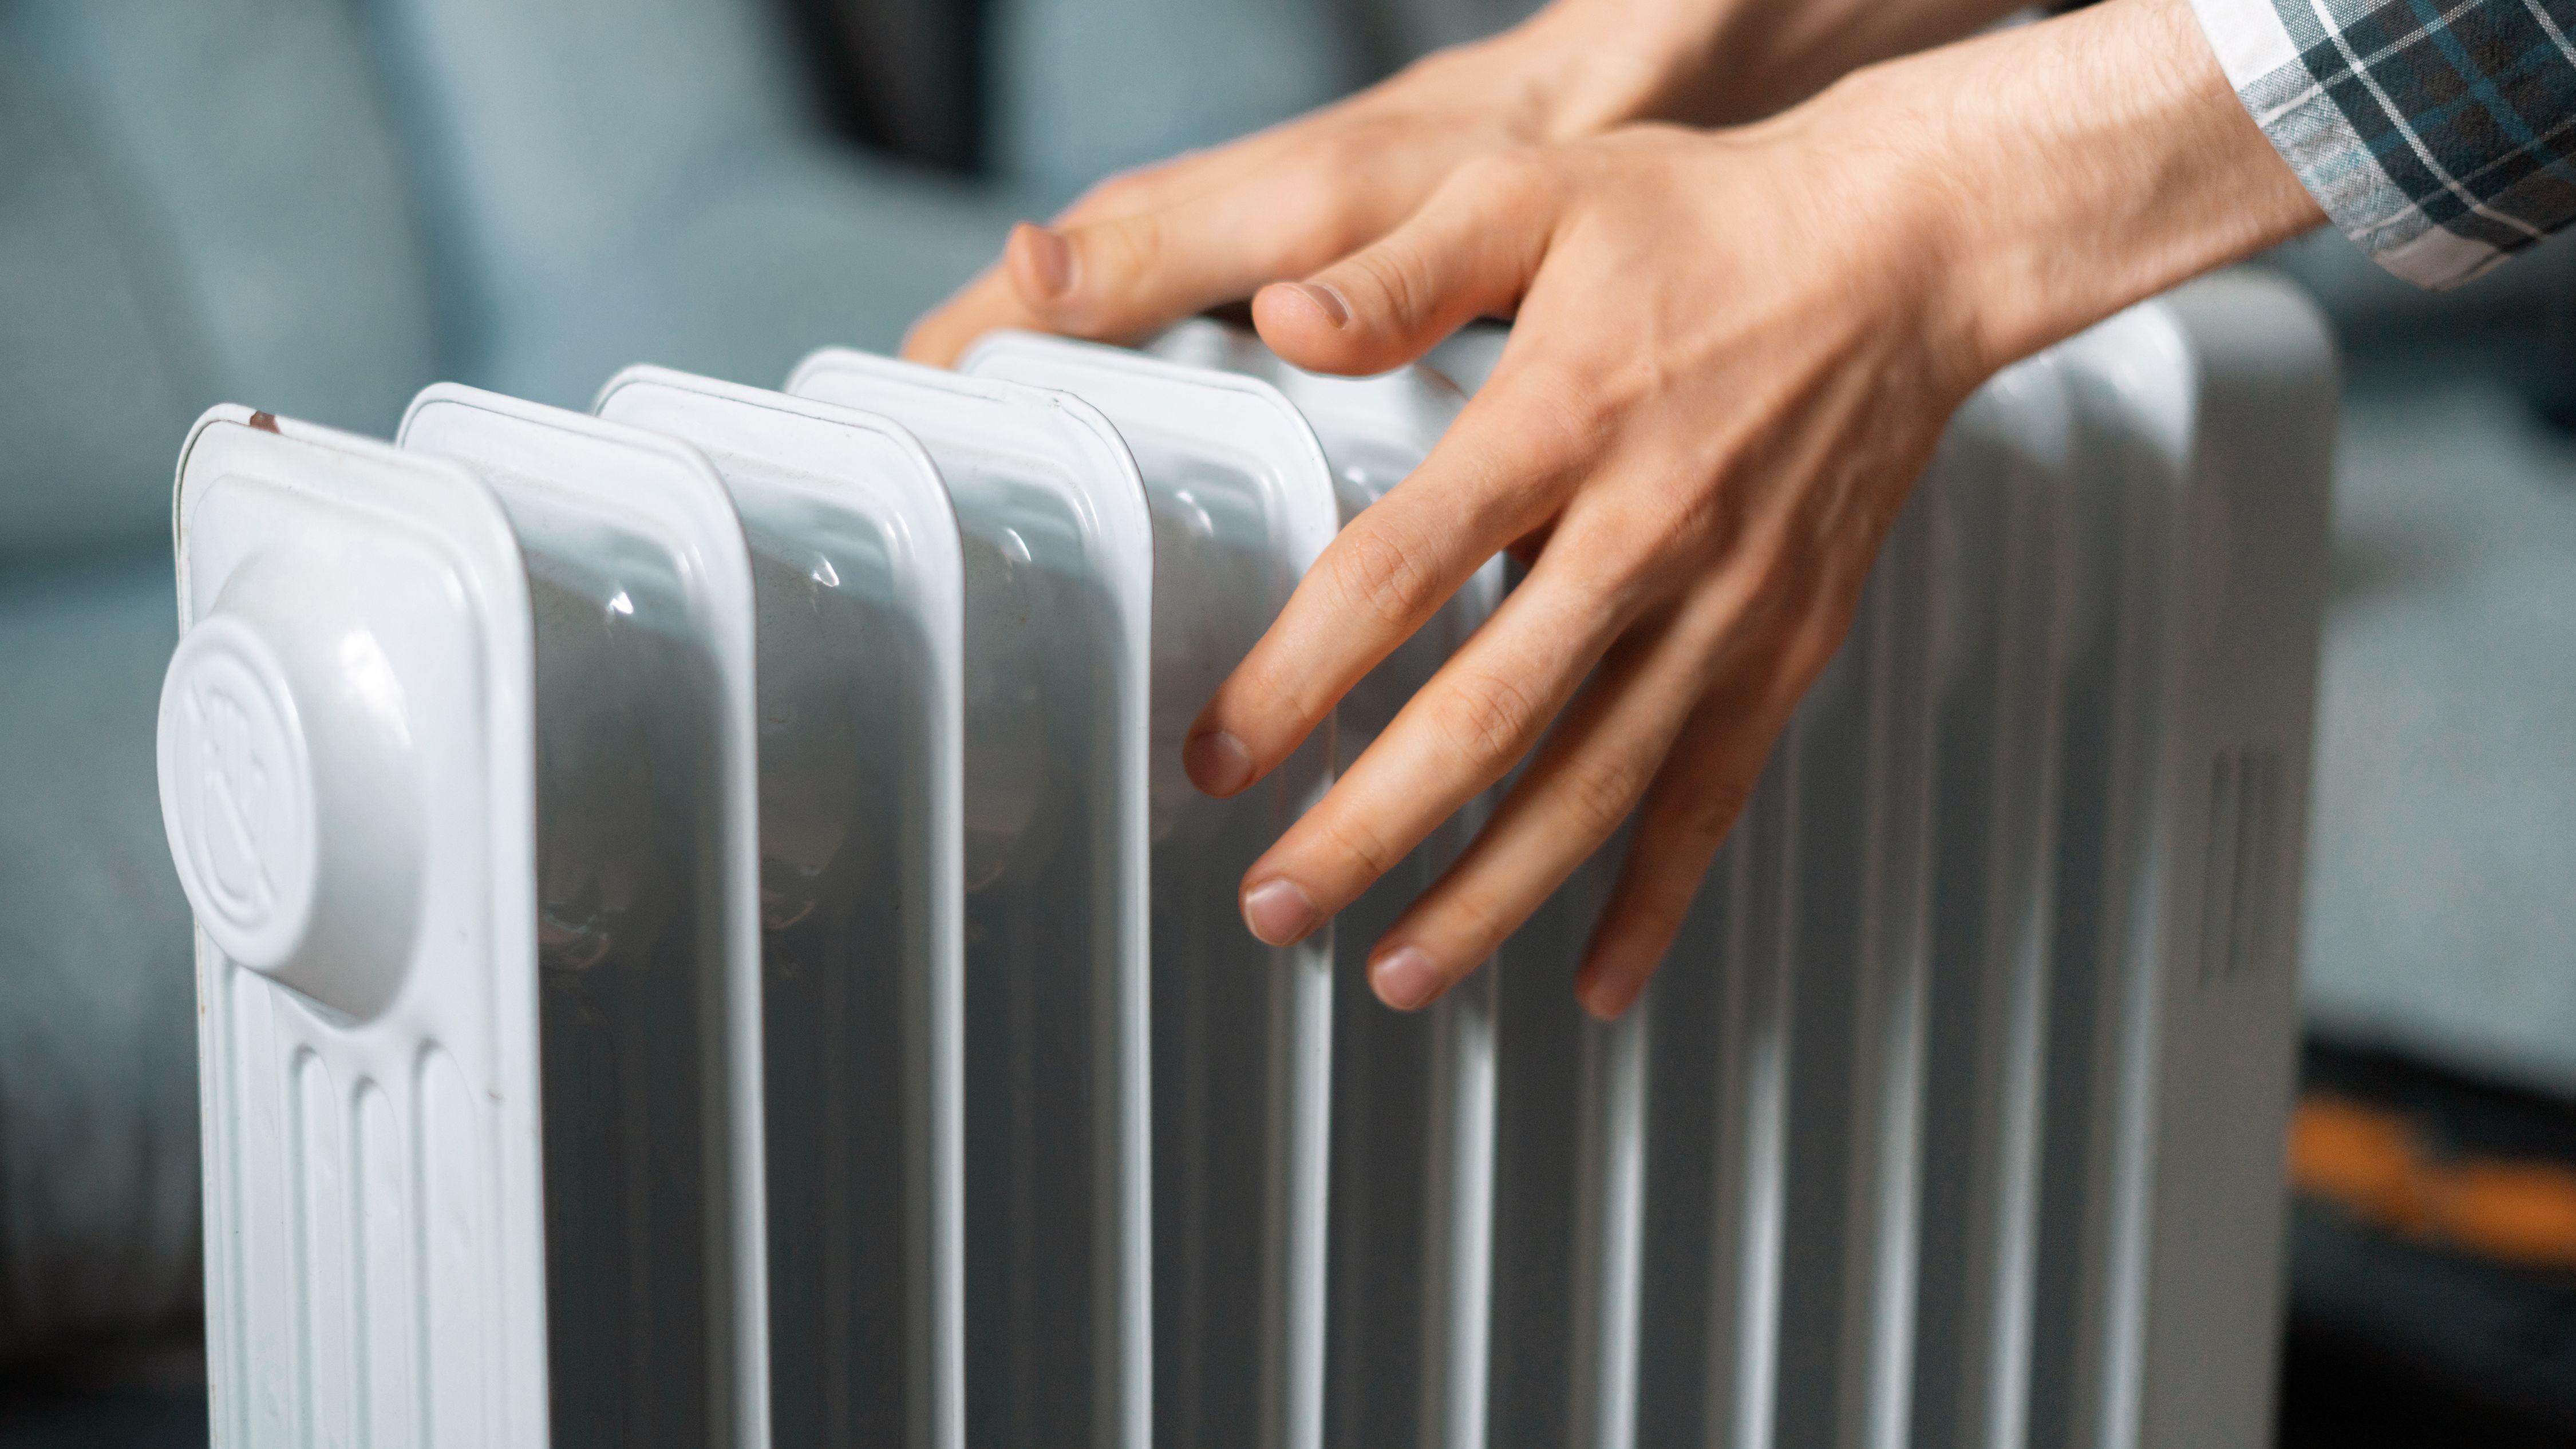 Comment choisir  un radiateur bain d'huile